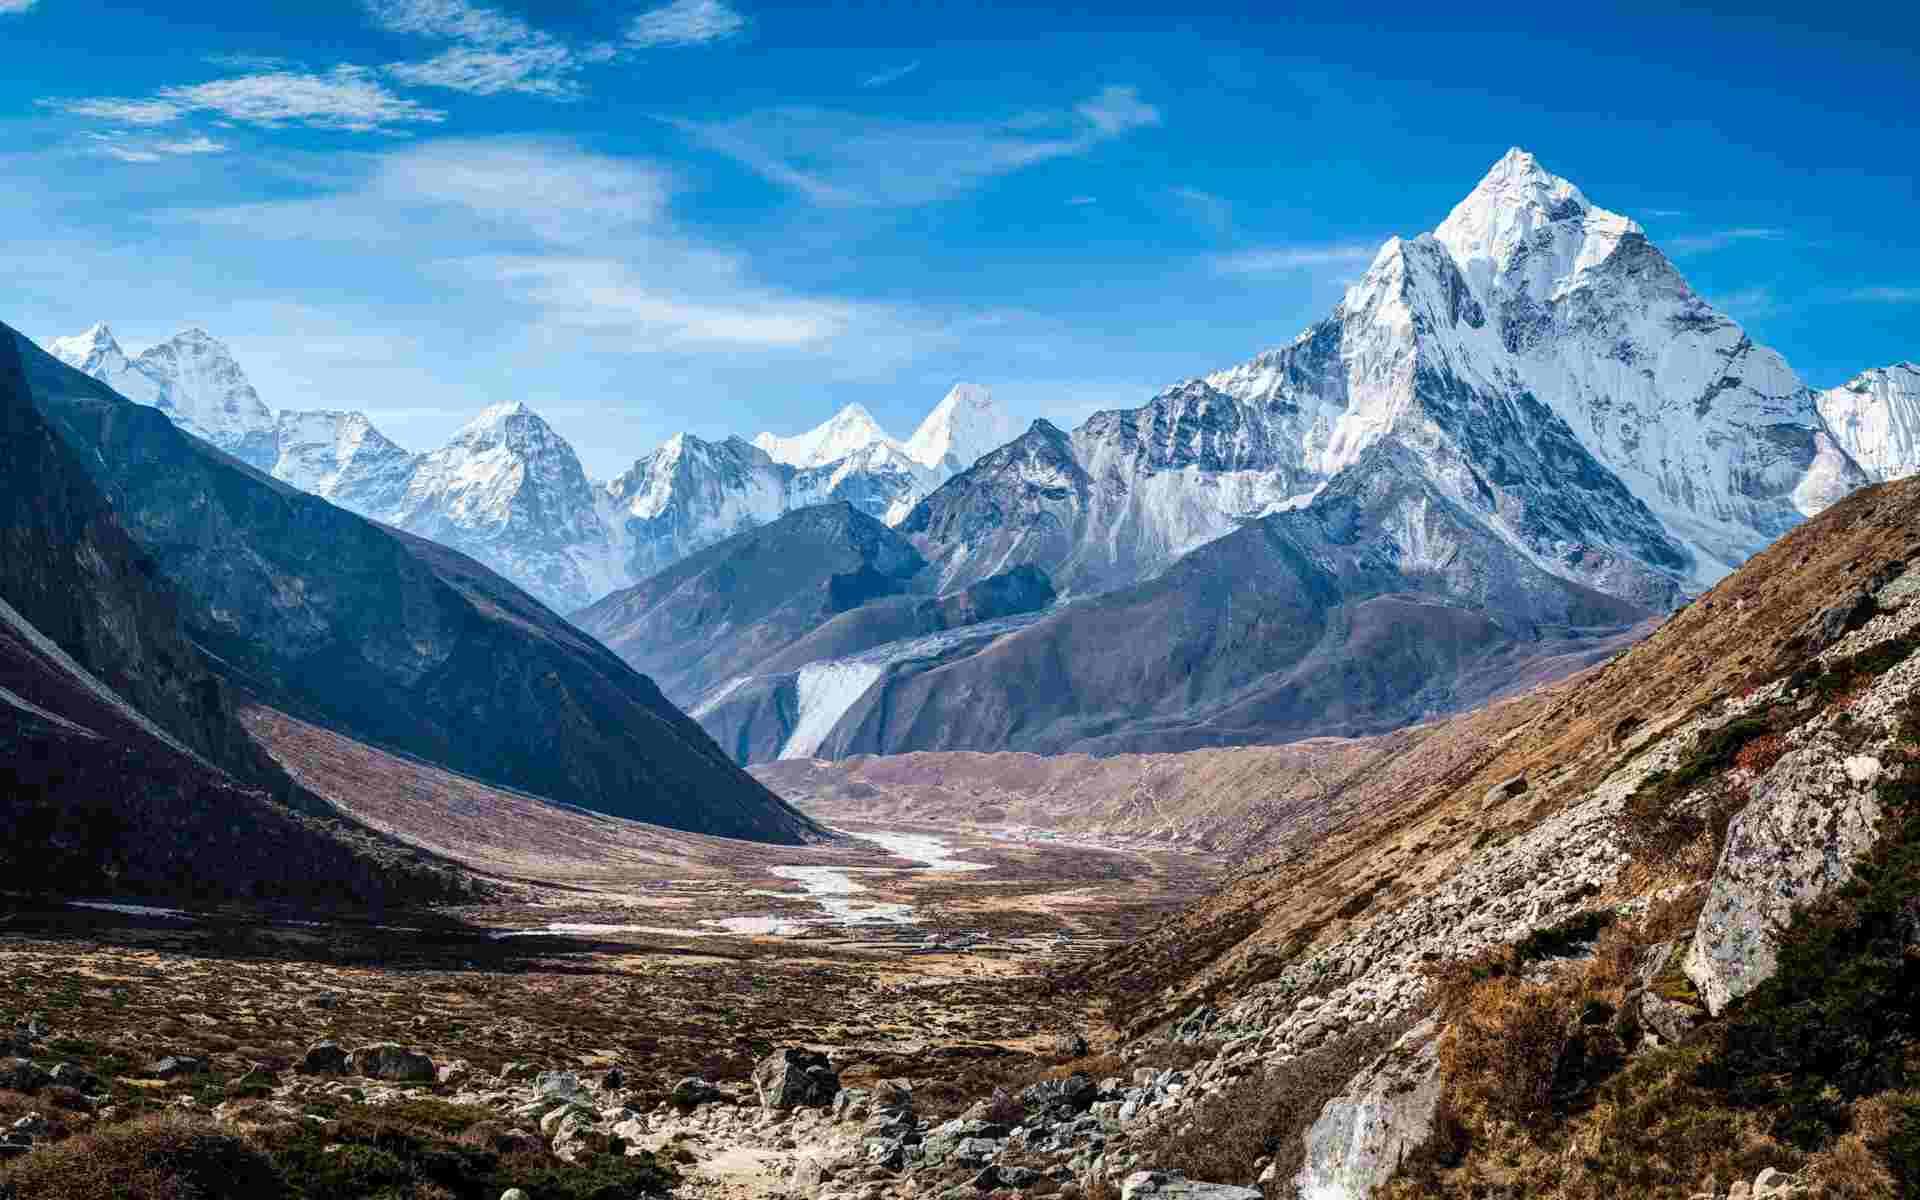 尼泊爾.jpg